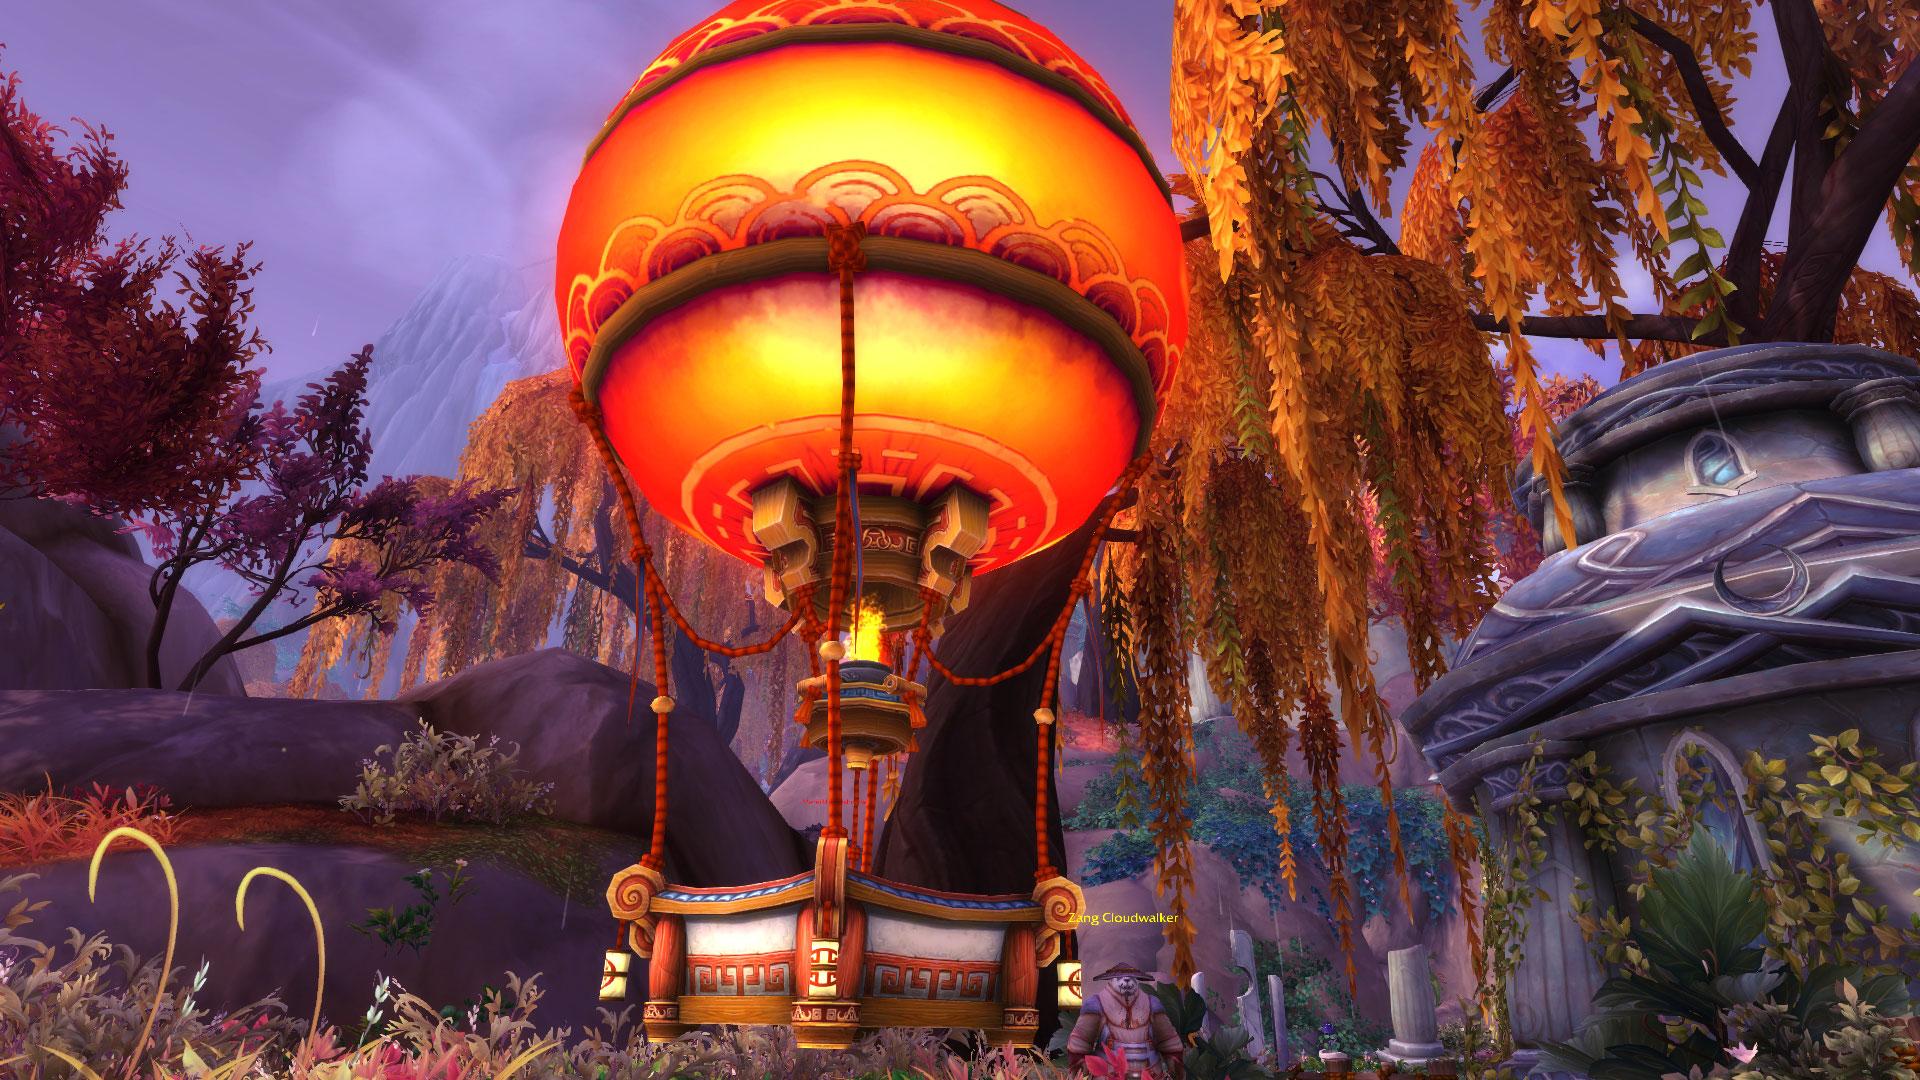 WoW: Das Frühlingsballonfest – Eine Ballonfahrt quer durch Azeroth!